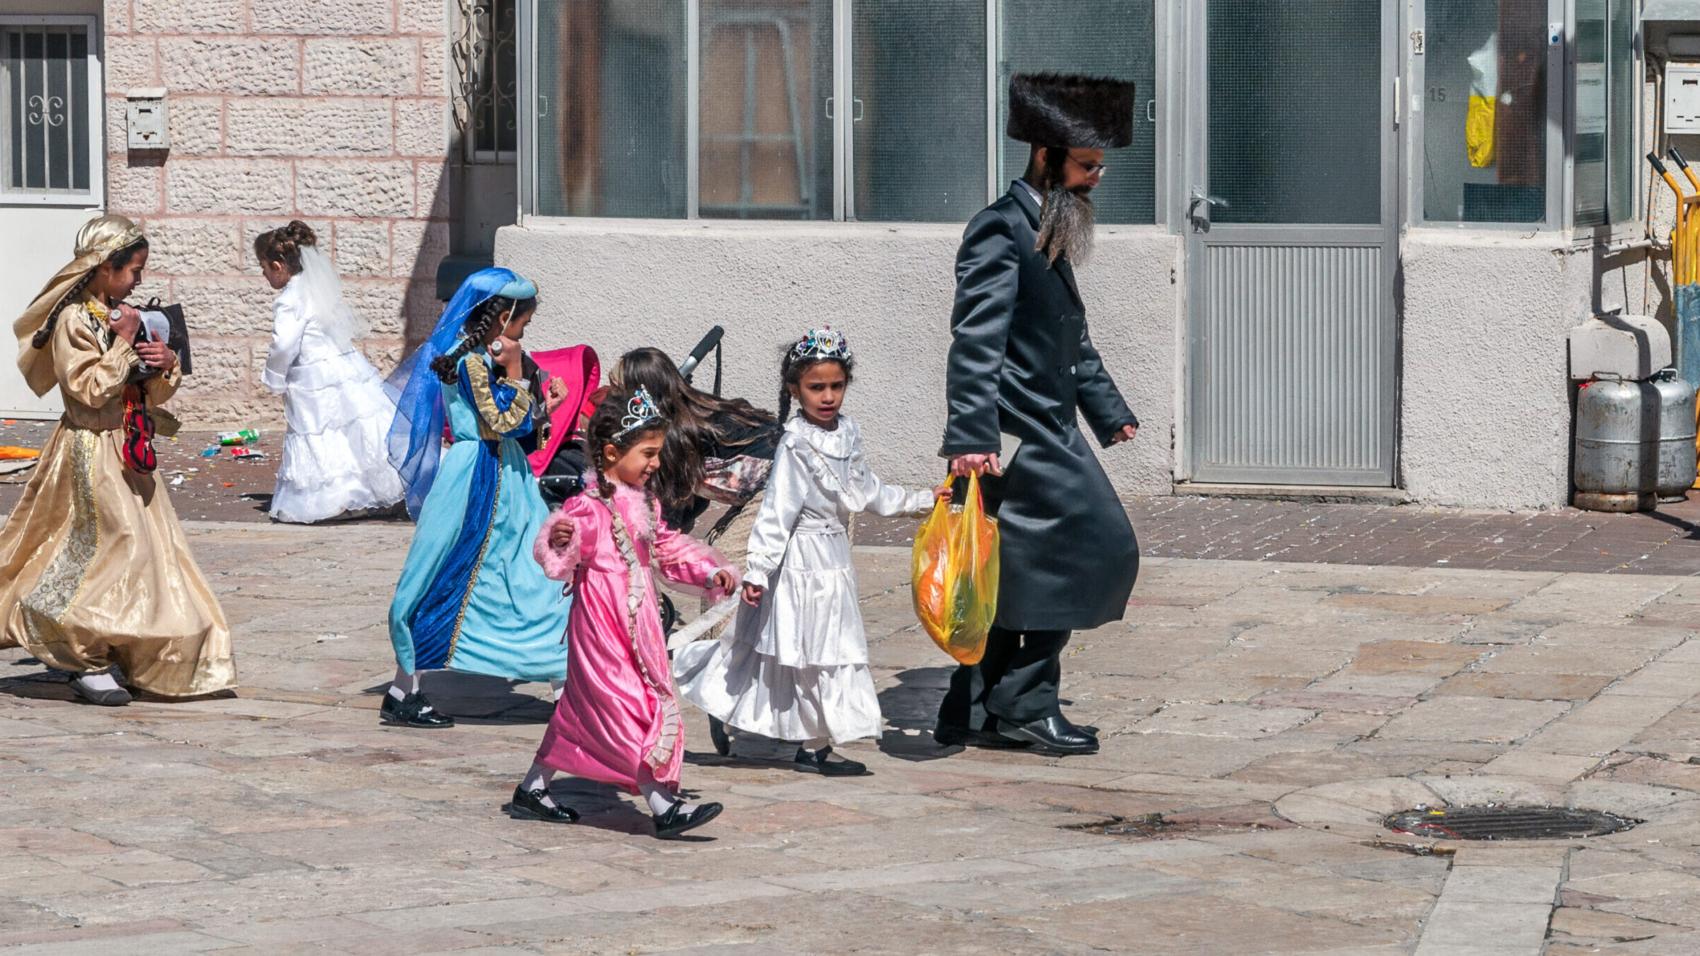 Jerusalem,,Israel-,March,06,,2015:,Purim,In,Mea,Shearim,Quarter.